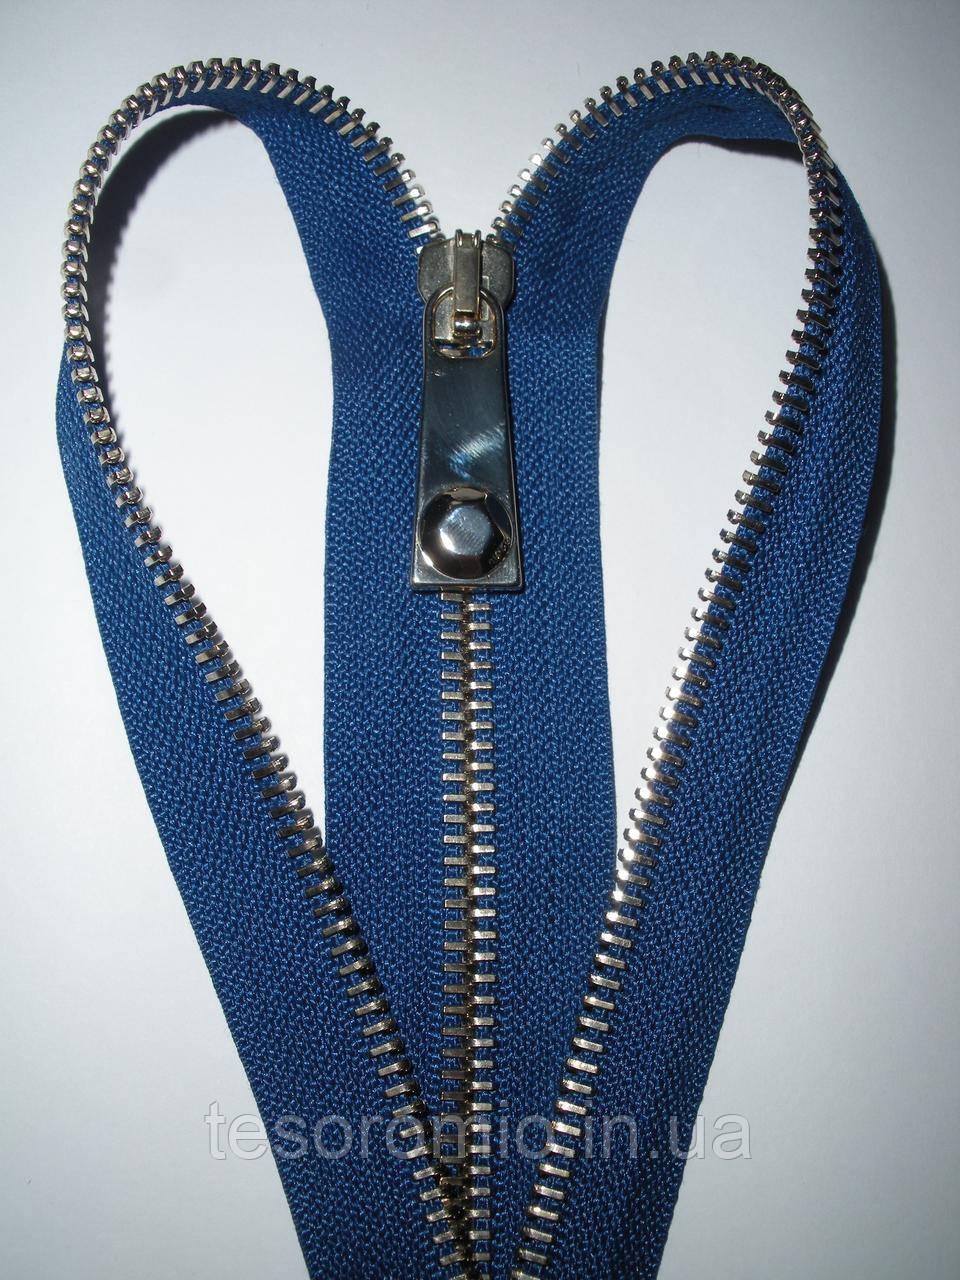 Молния металлическая разъемная 37см, 1 бегунок, тип 6. Основа - синий электрик, зубцы - золото.